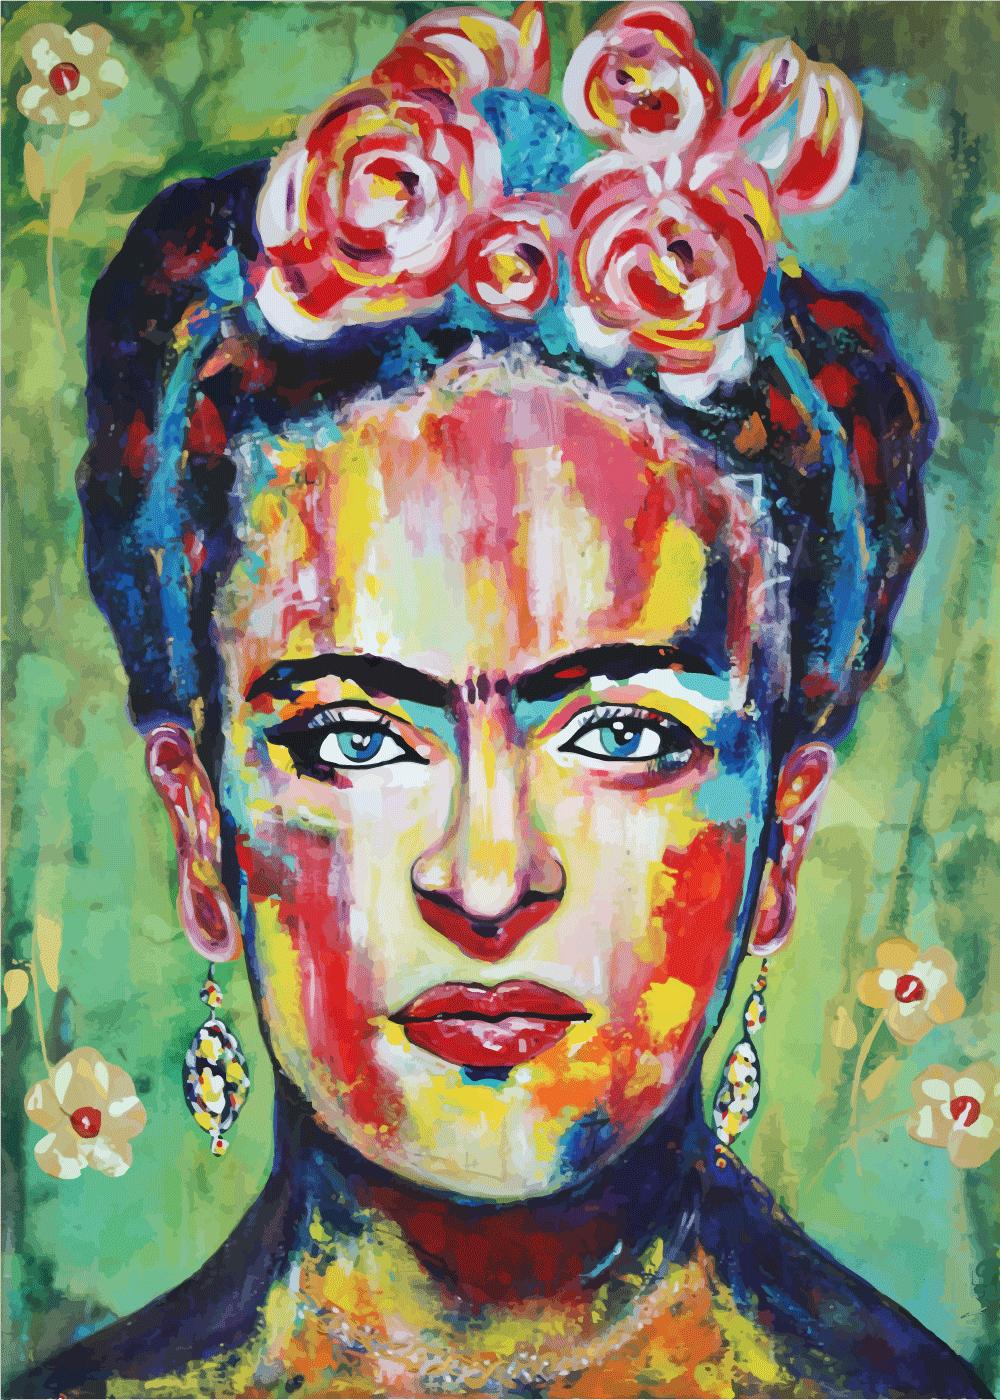 Billede af Frida painting - Frida Kahlo inspireret plakat